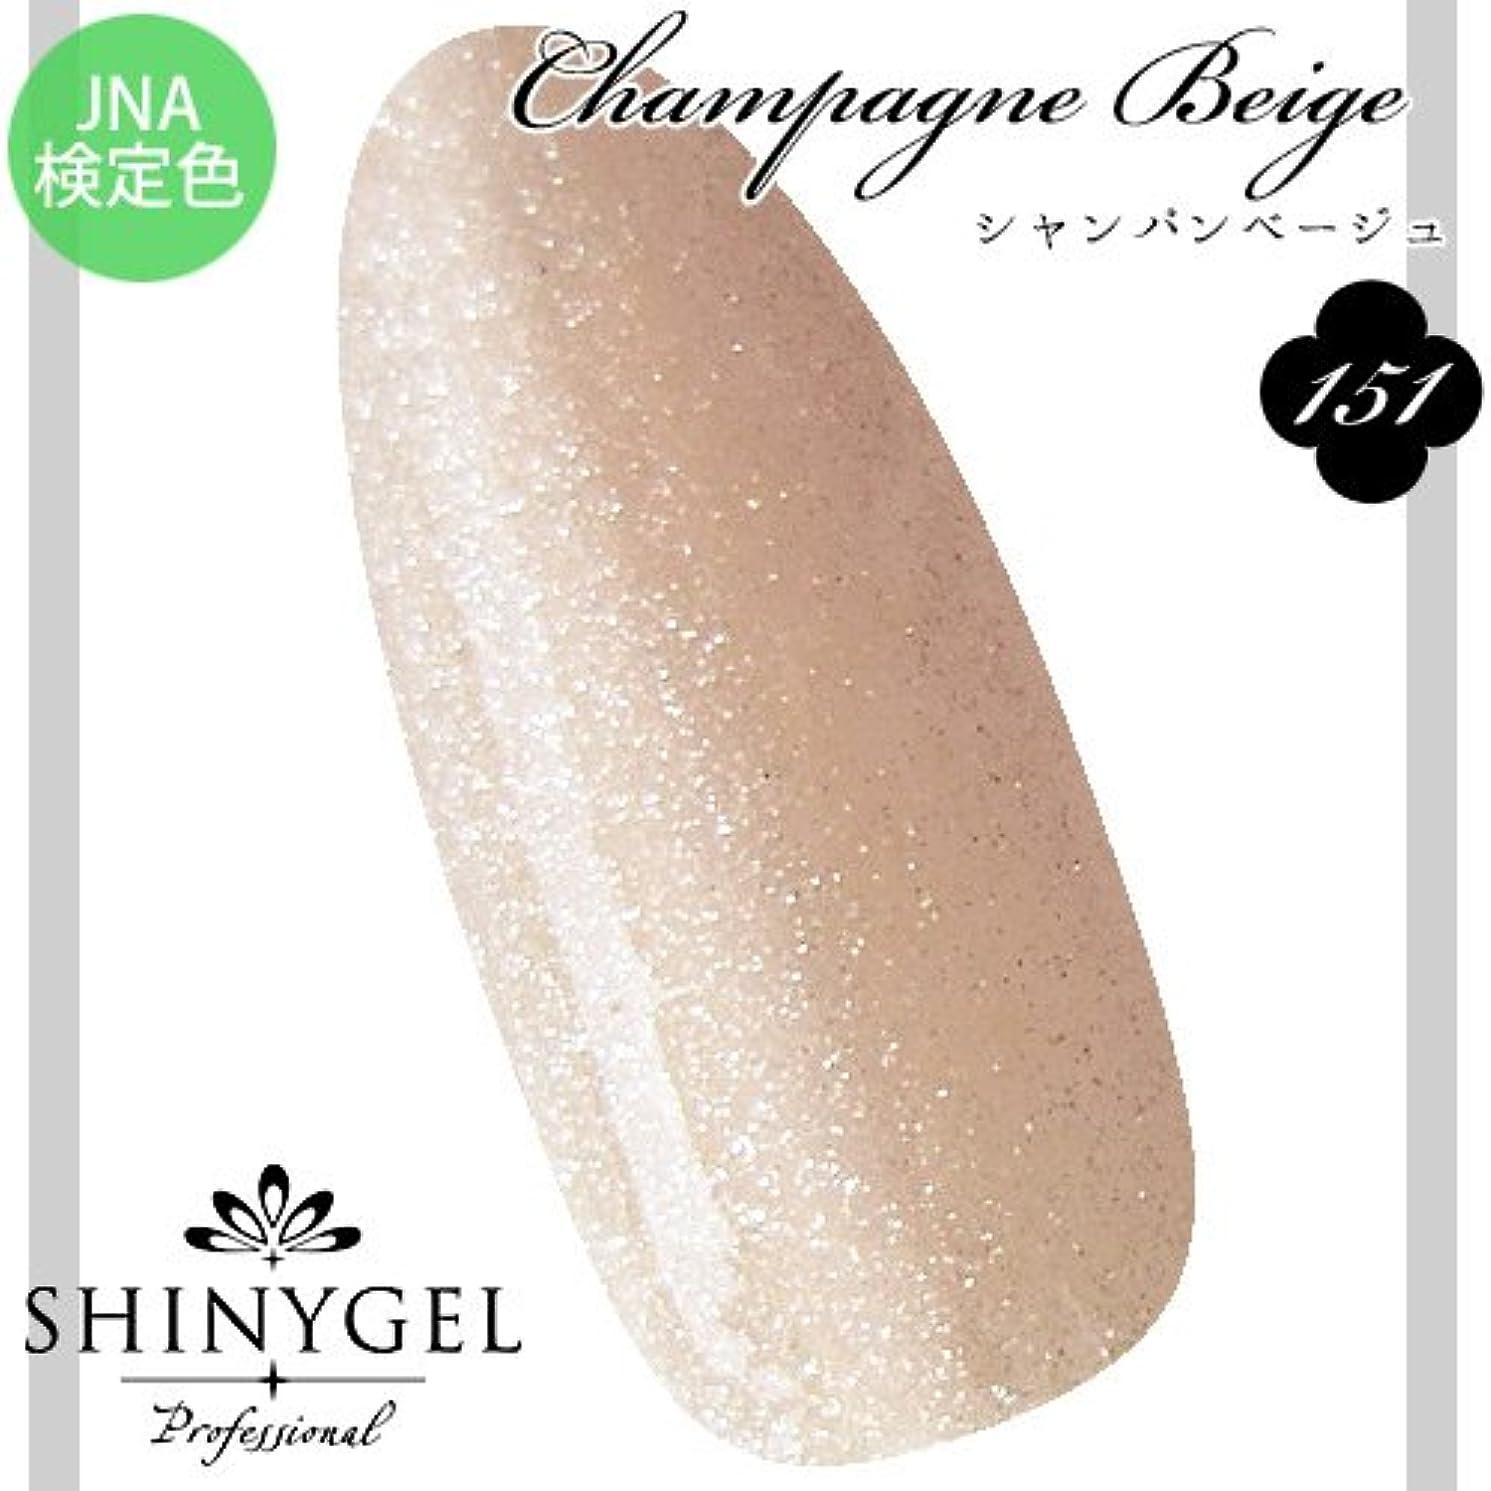 汚染する打ち上げる入るSHINY GEL カラージェル 151 4g シャンパンベージュ UV/LED対応